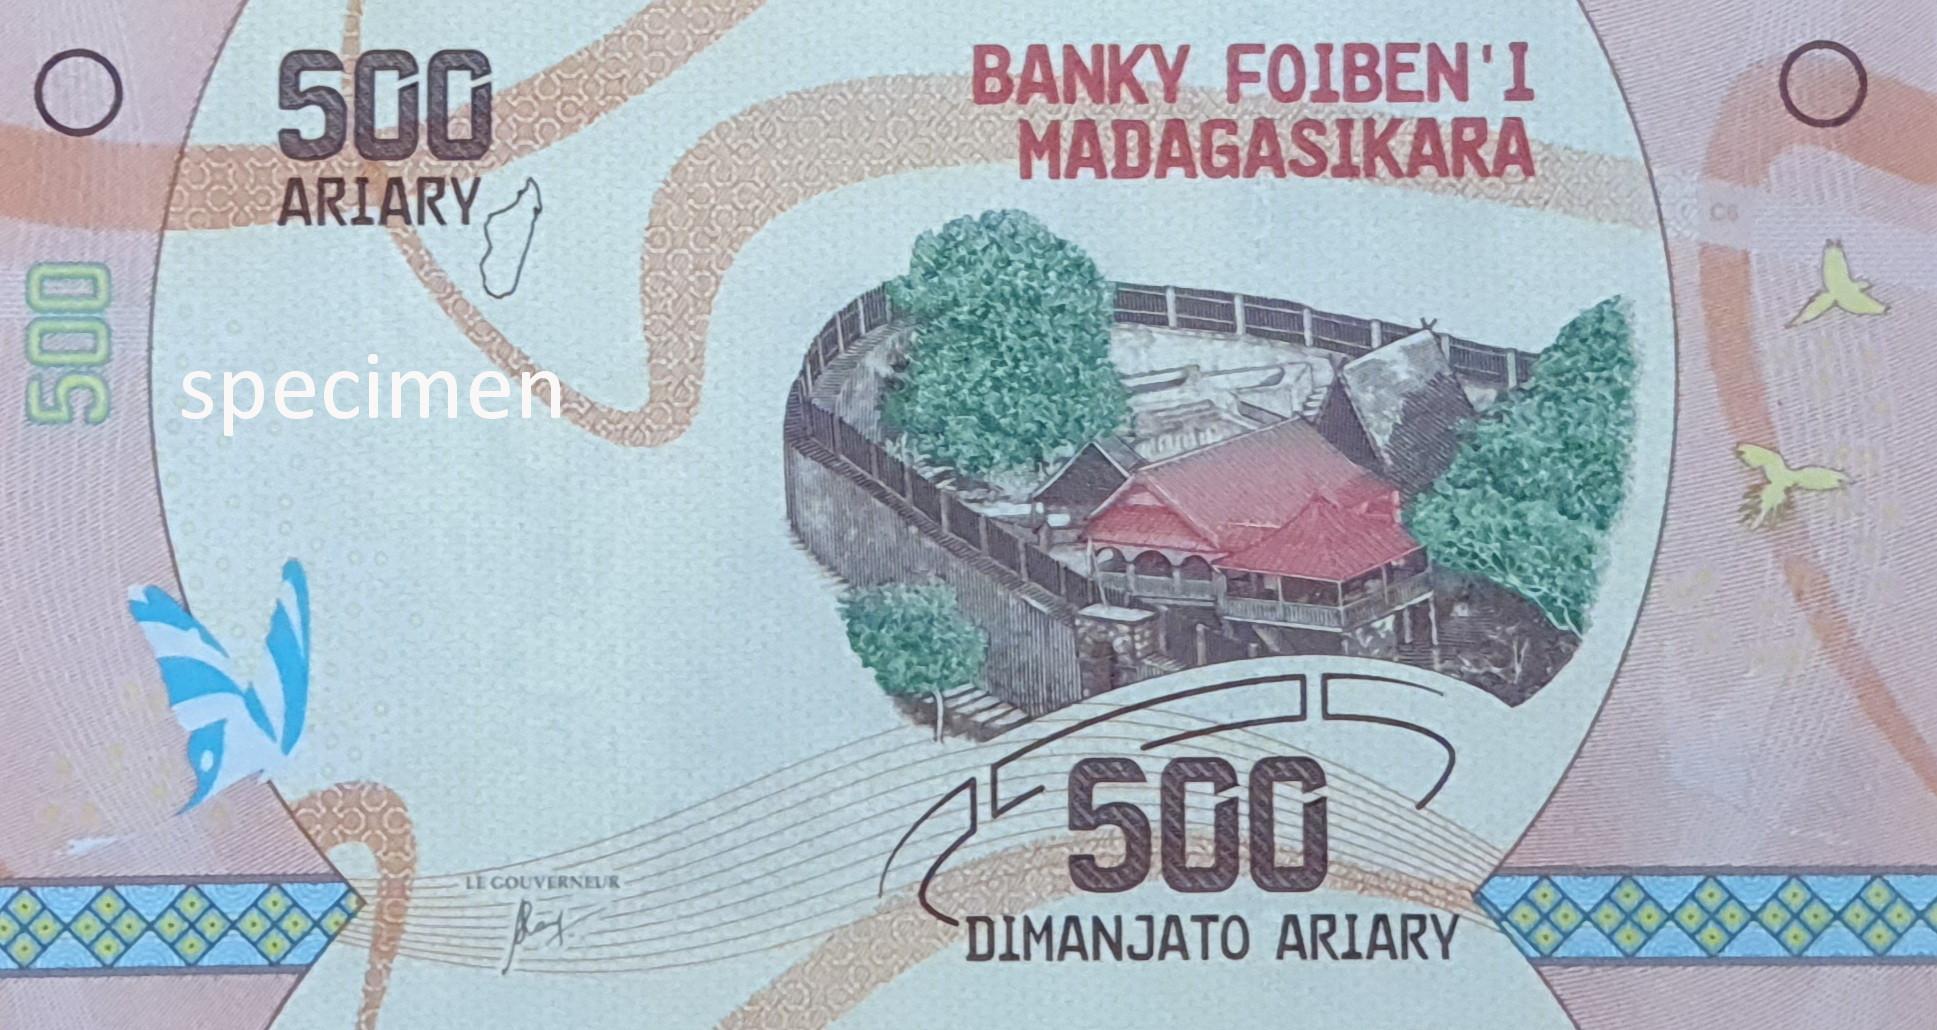 Banknote in Madagaskar, Geldschein von 500 Ariary